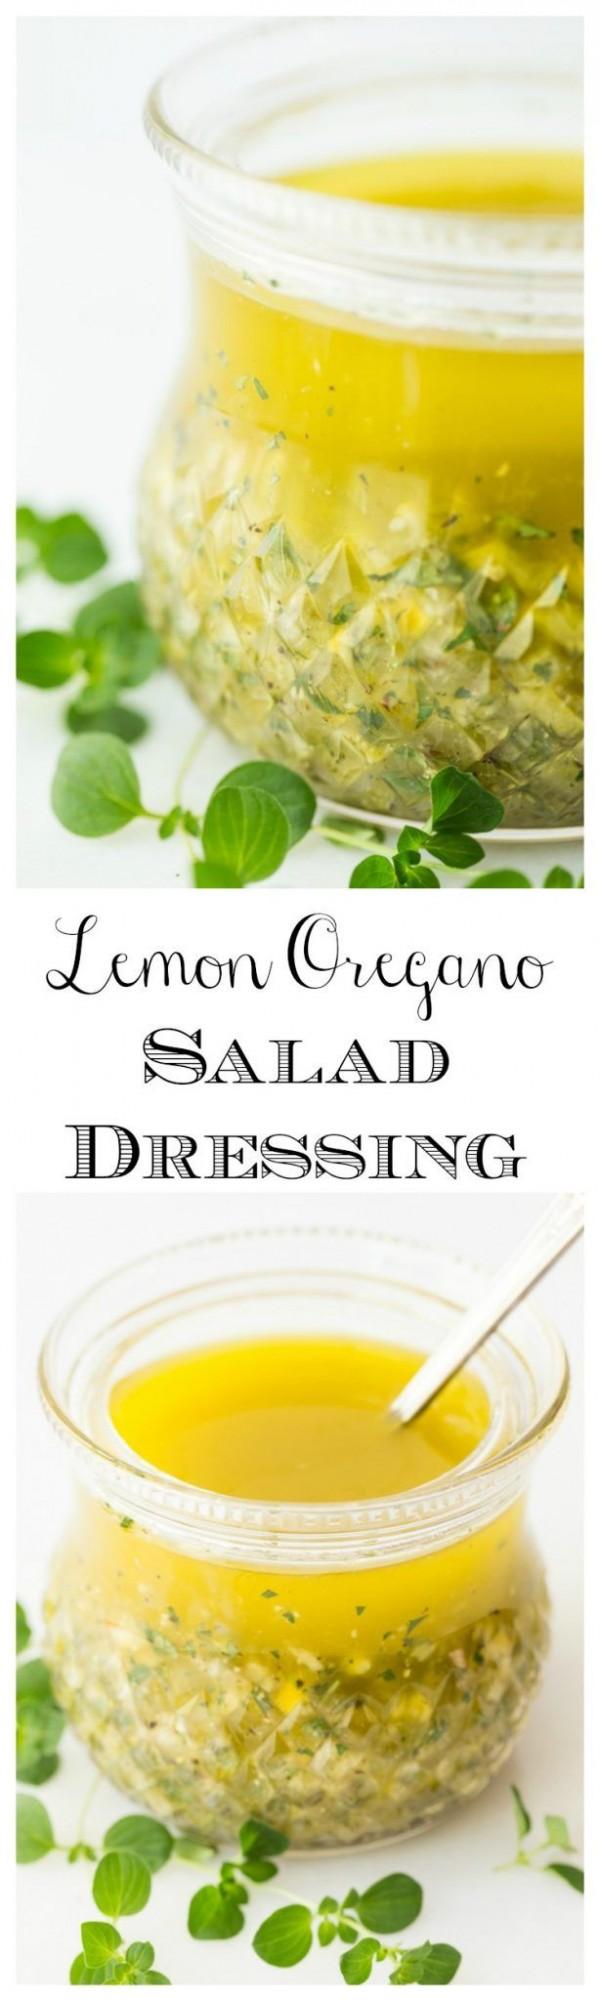 Get the recipe Lemon Oregano Salad Dressing @recipes_to_go